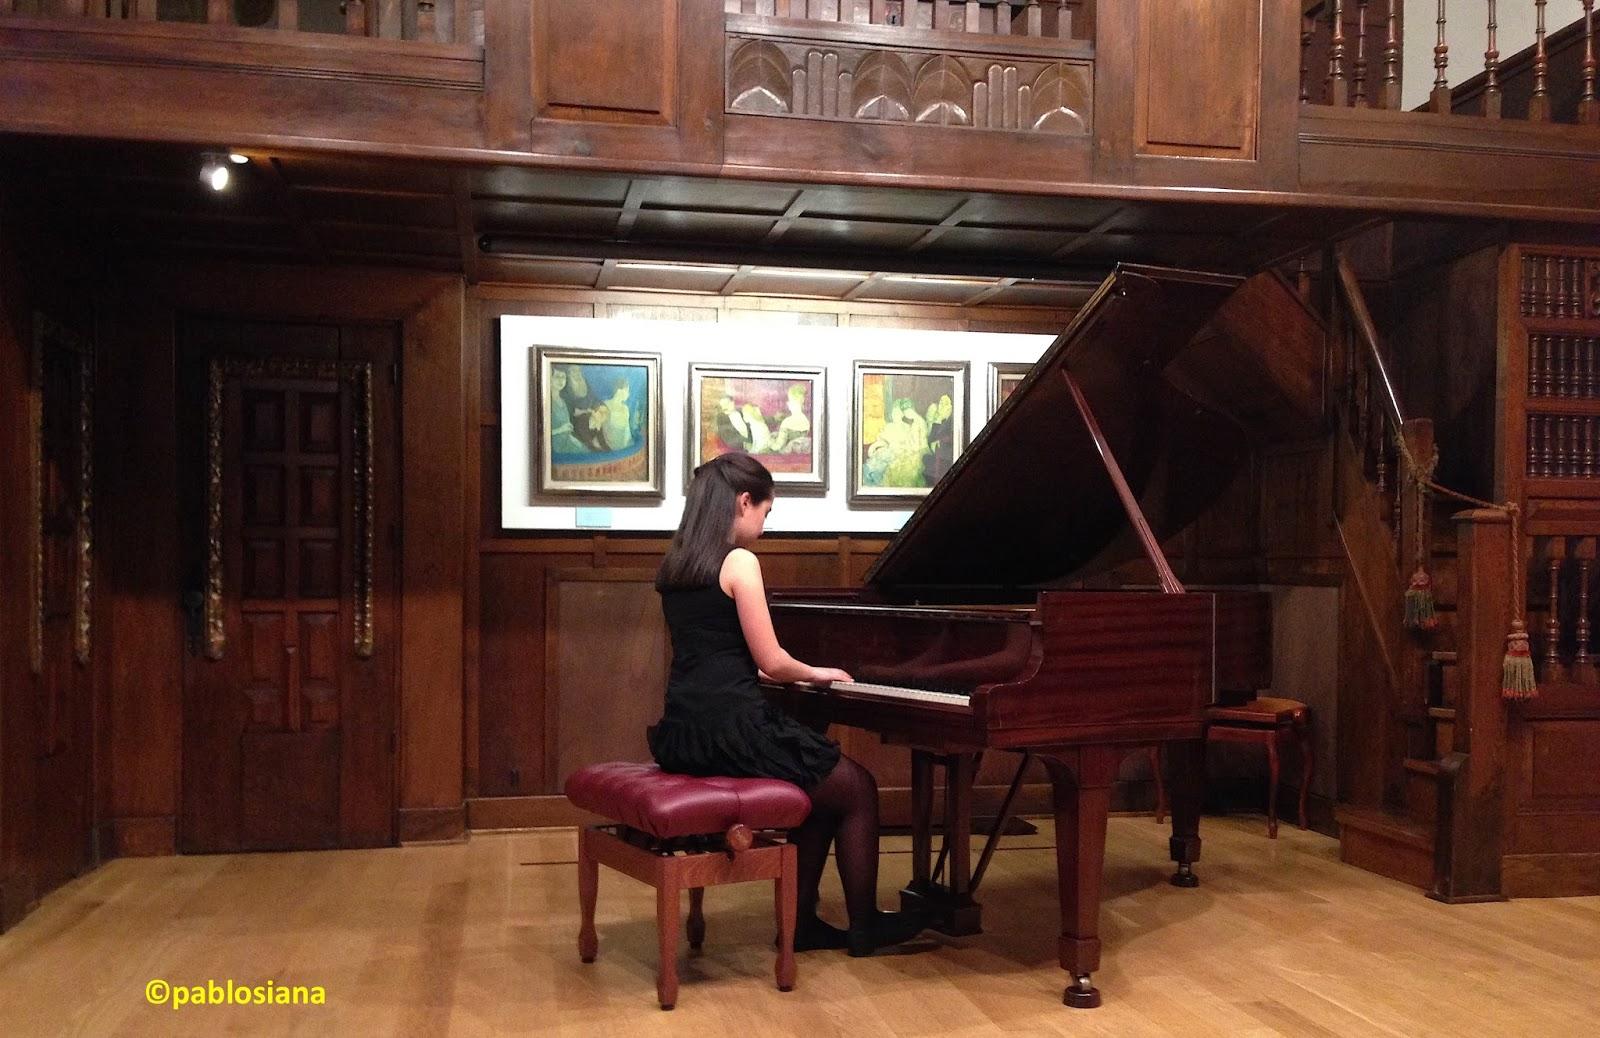 piano | Pablo, la música en Siana | Página 6